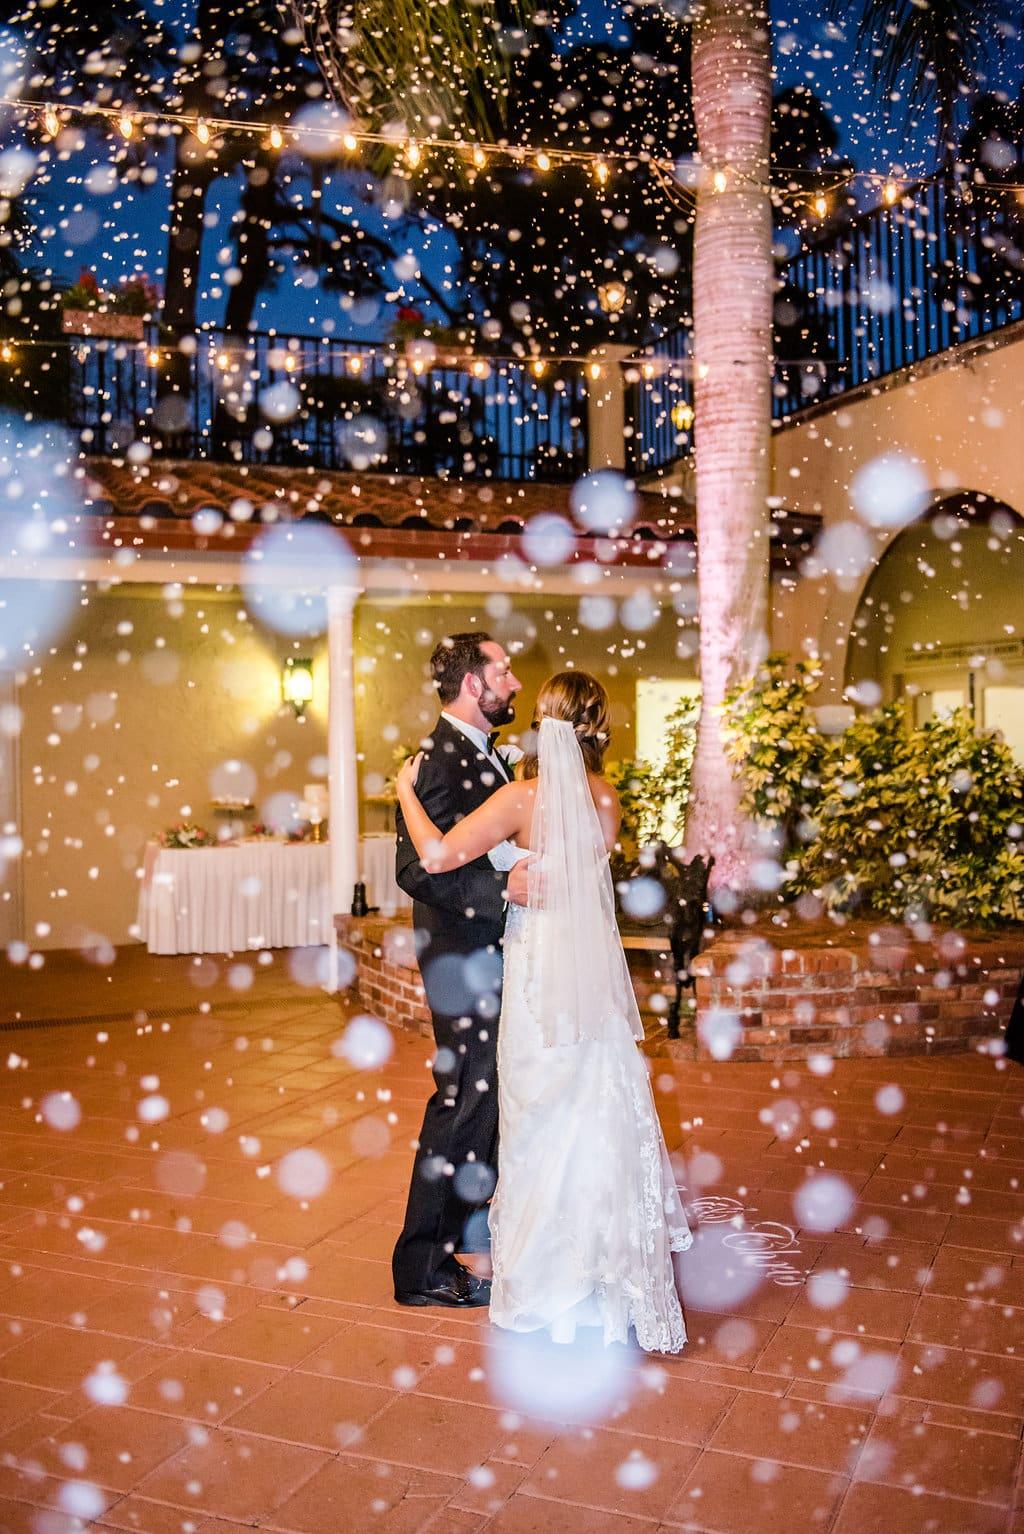 snow falls in orlando at mission inn resort